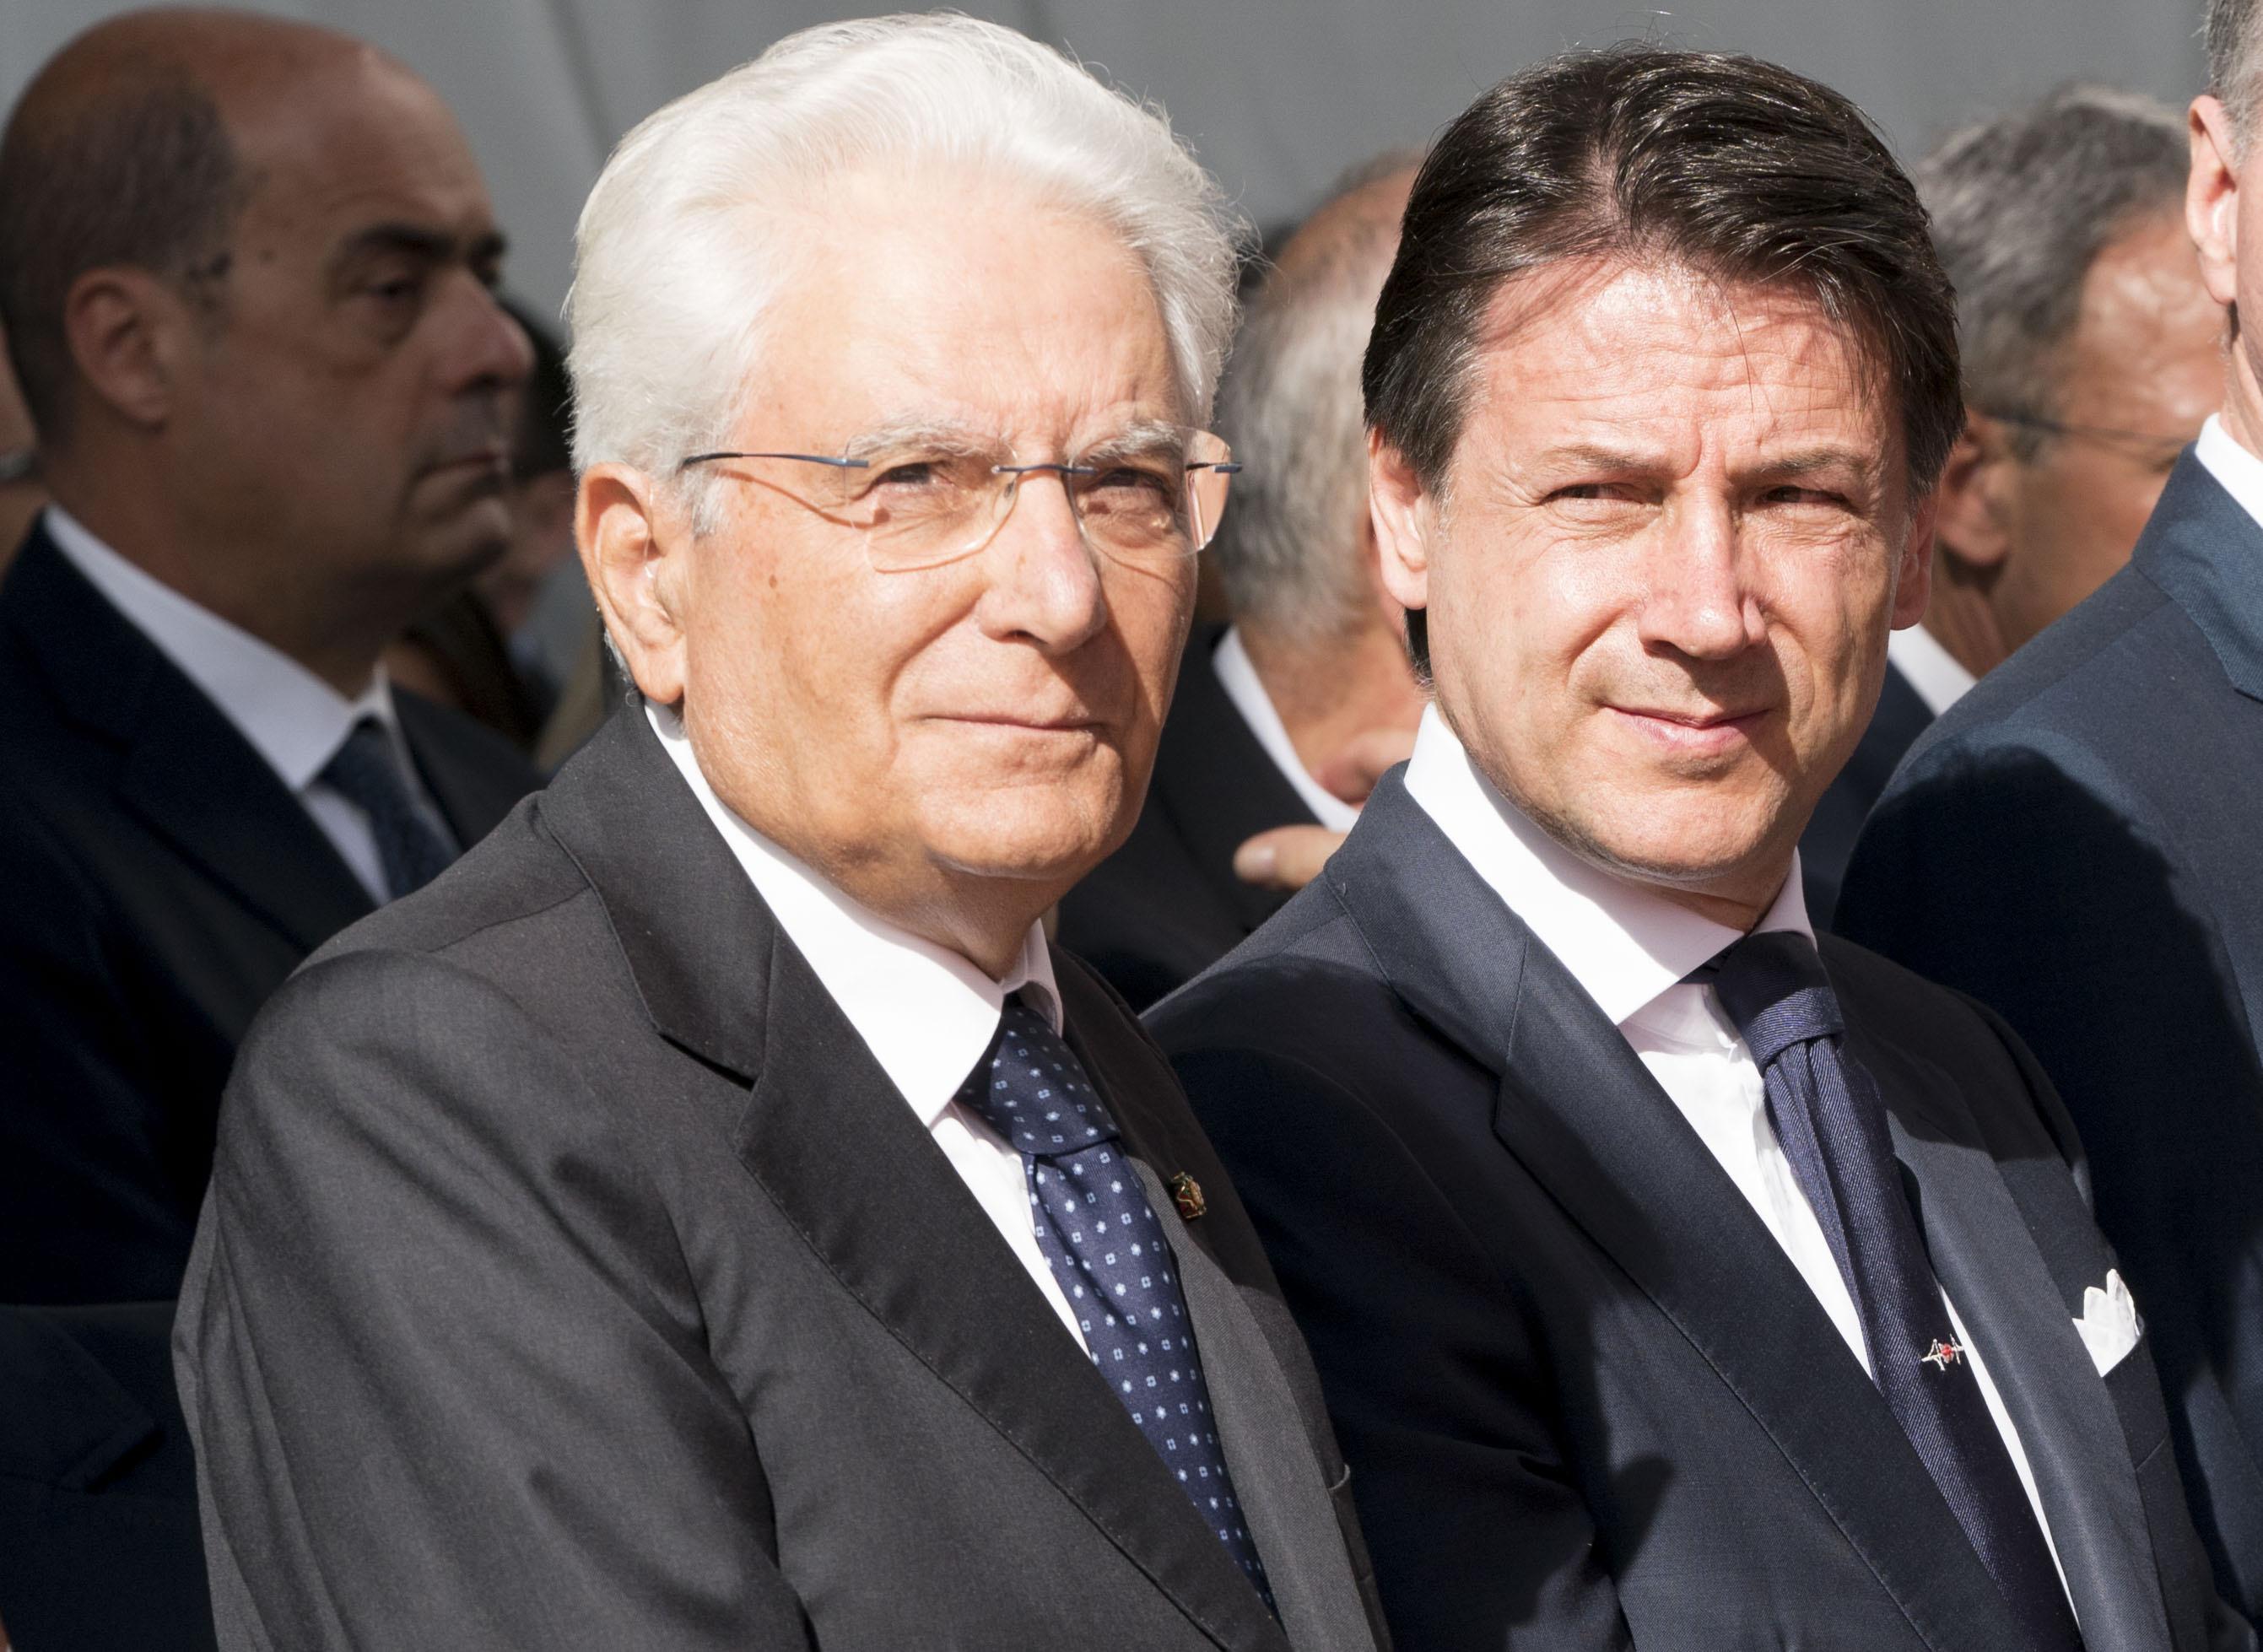 Quanto guadagnano Sergio Mattarella e i potenti di Roma?  Ecco stipendio e redditi di chi ci governa